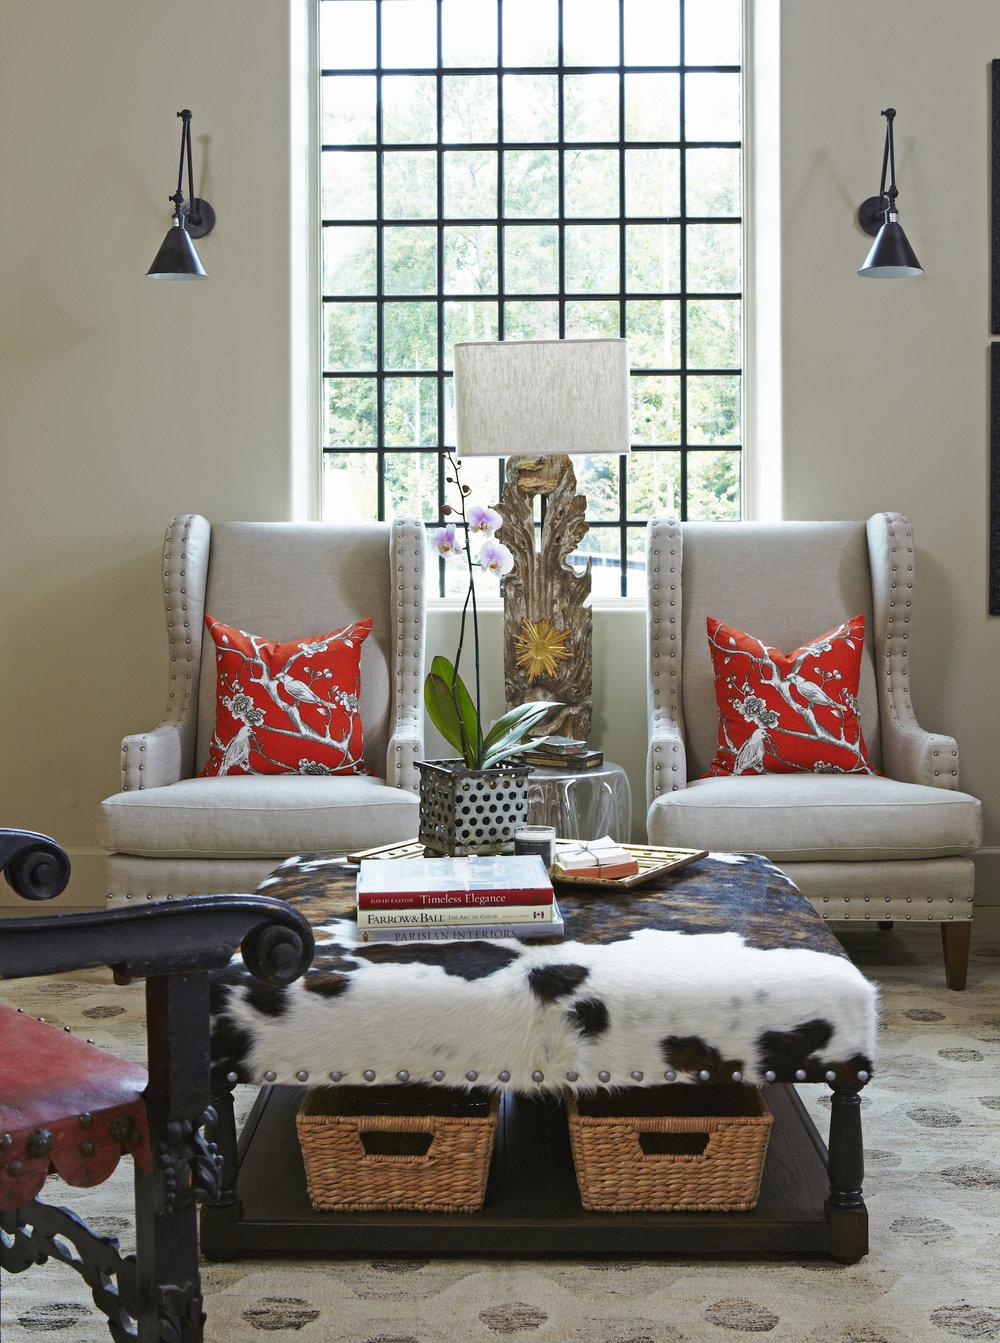 BirminghamHome & Garden - Inspiration Home 2011